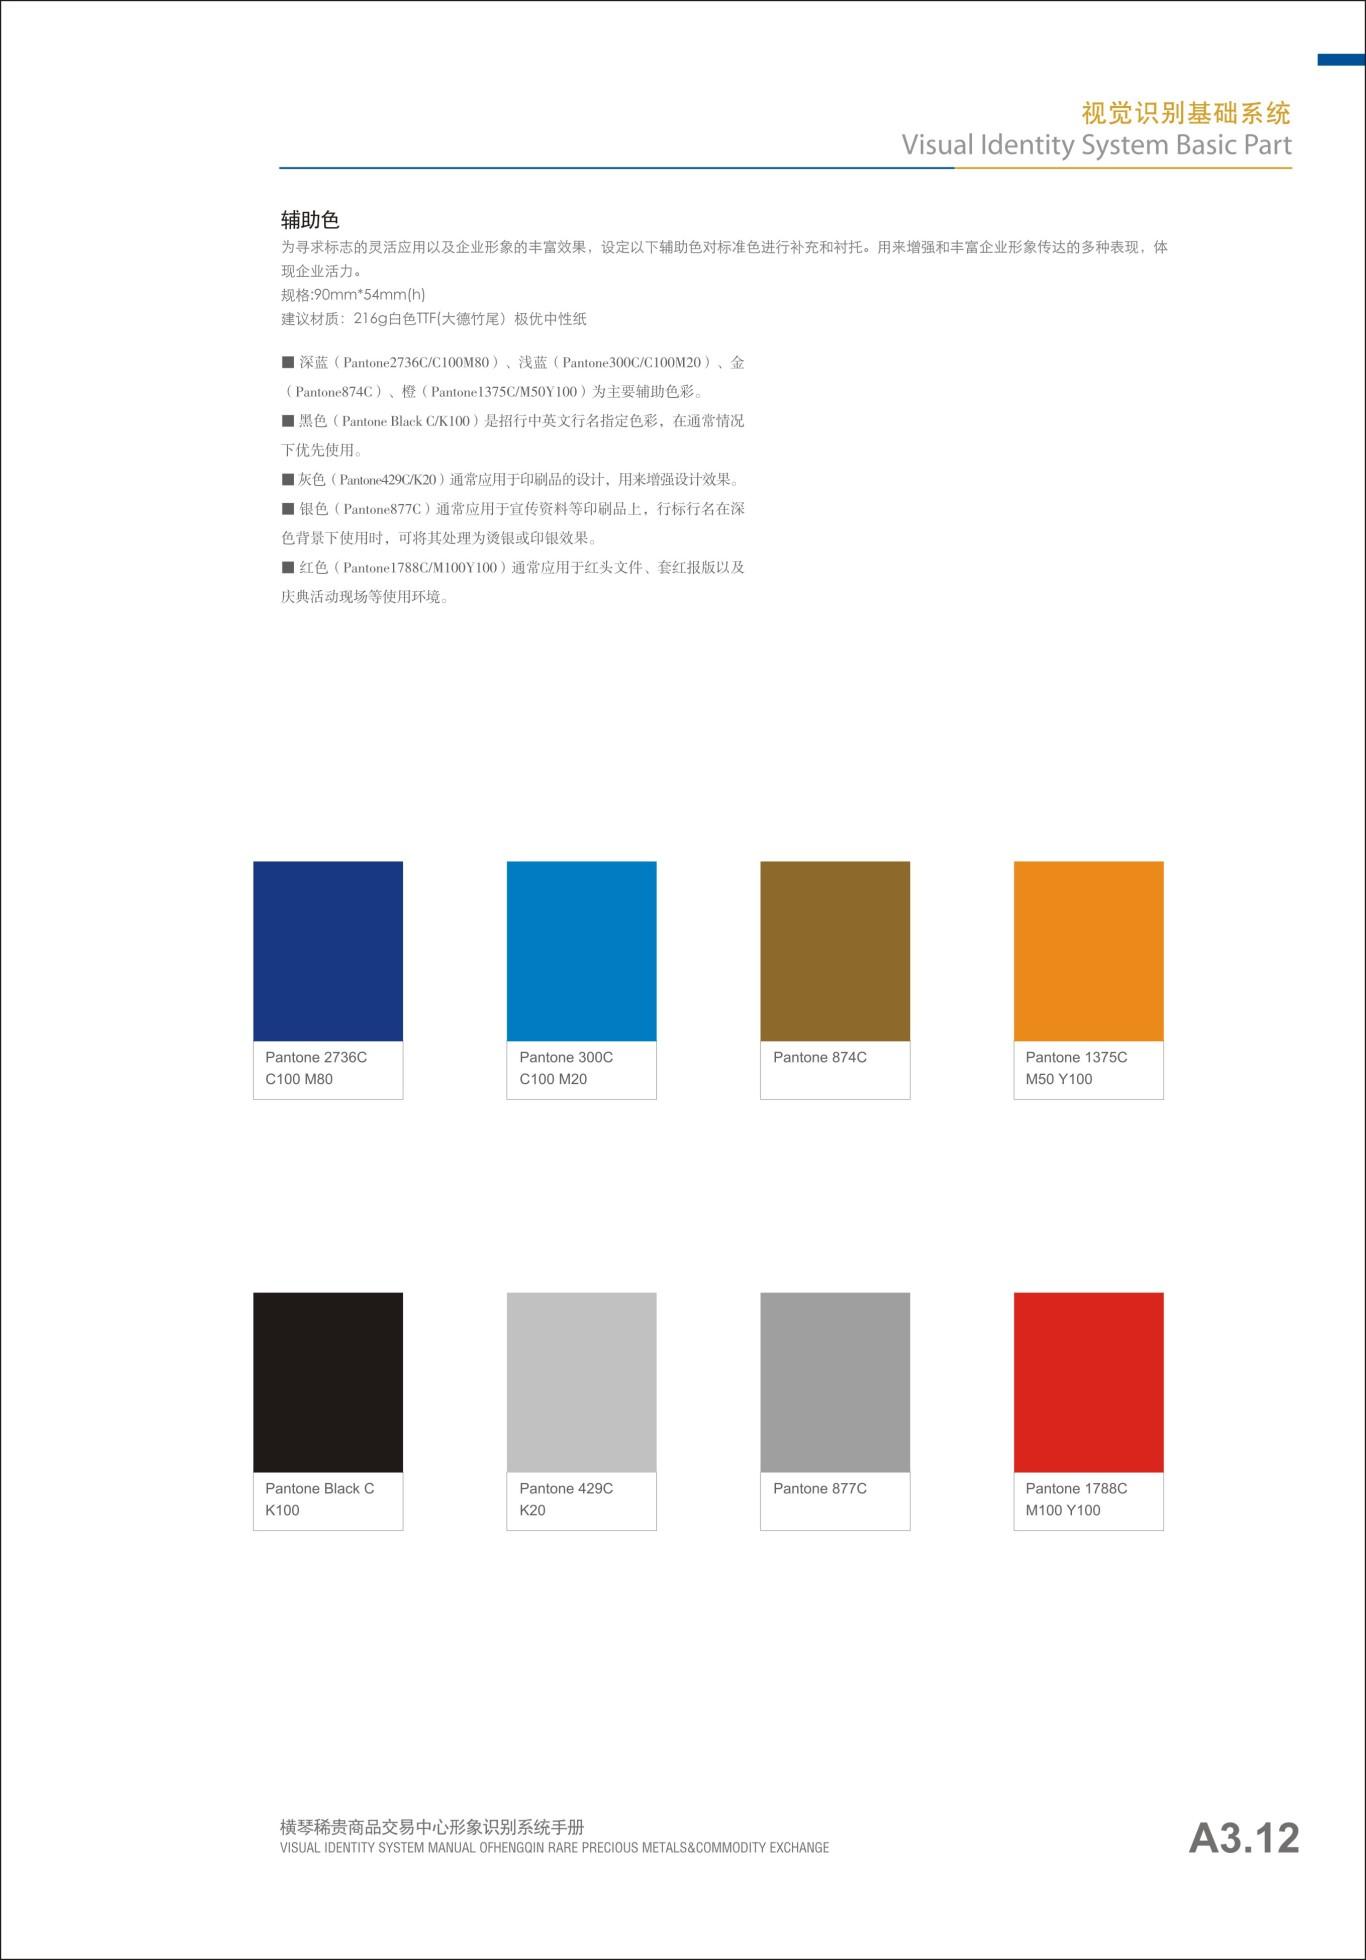 贵金属行业横琴稀贵VI手册设计图2